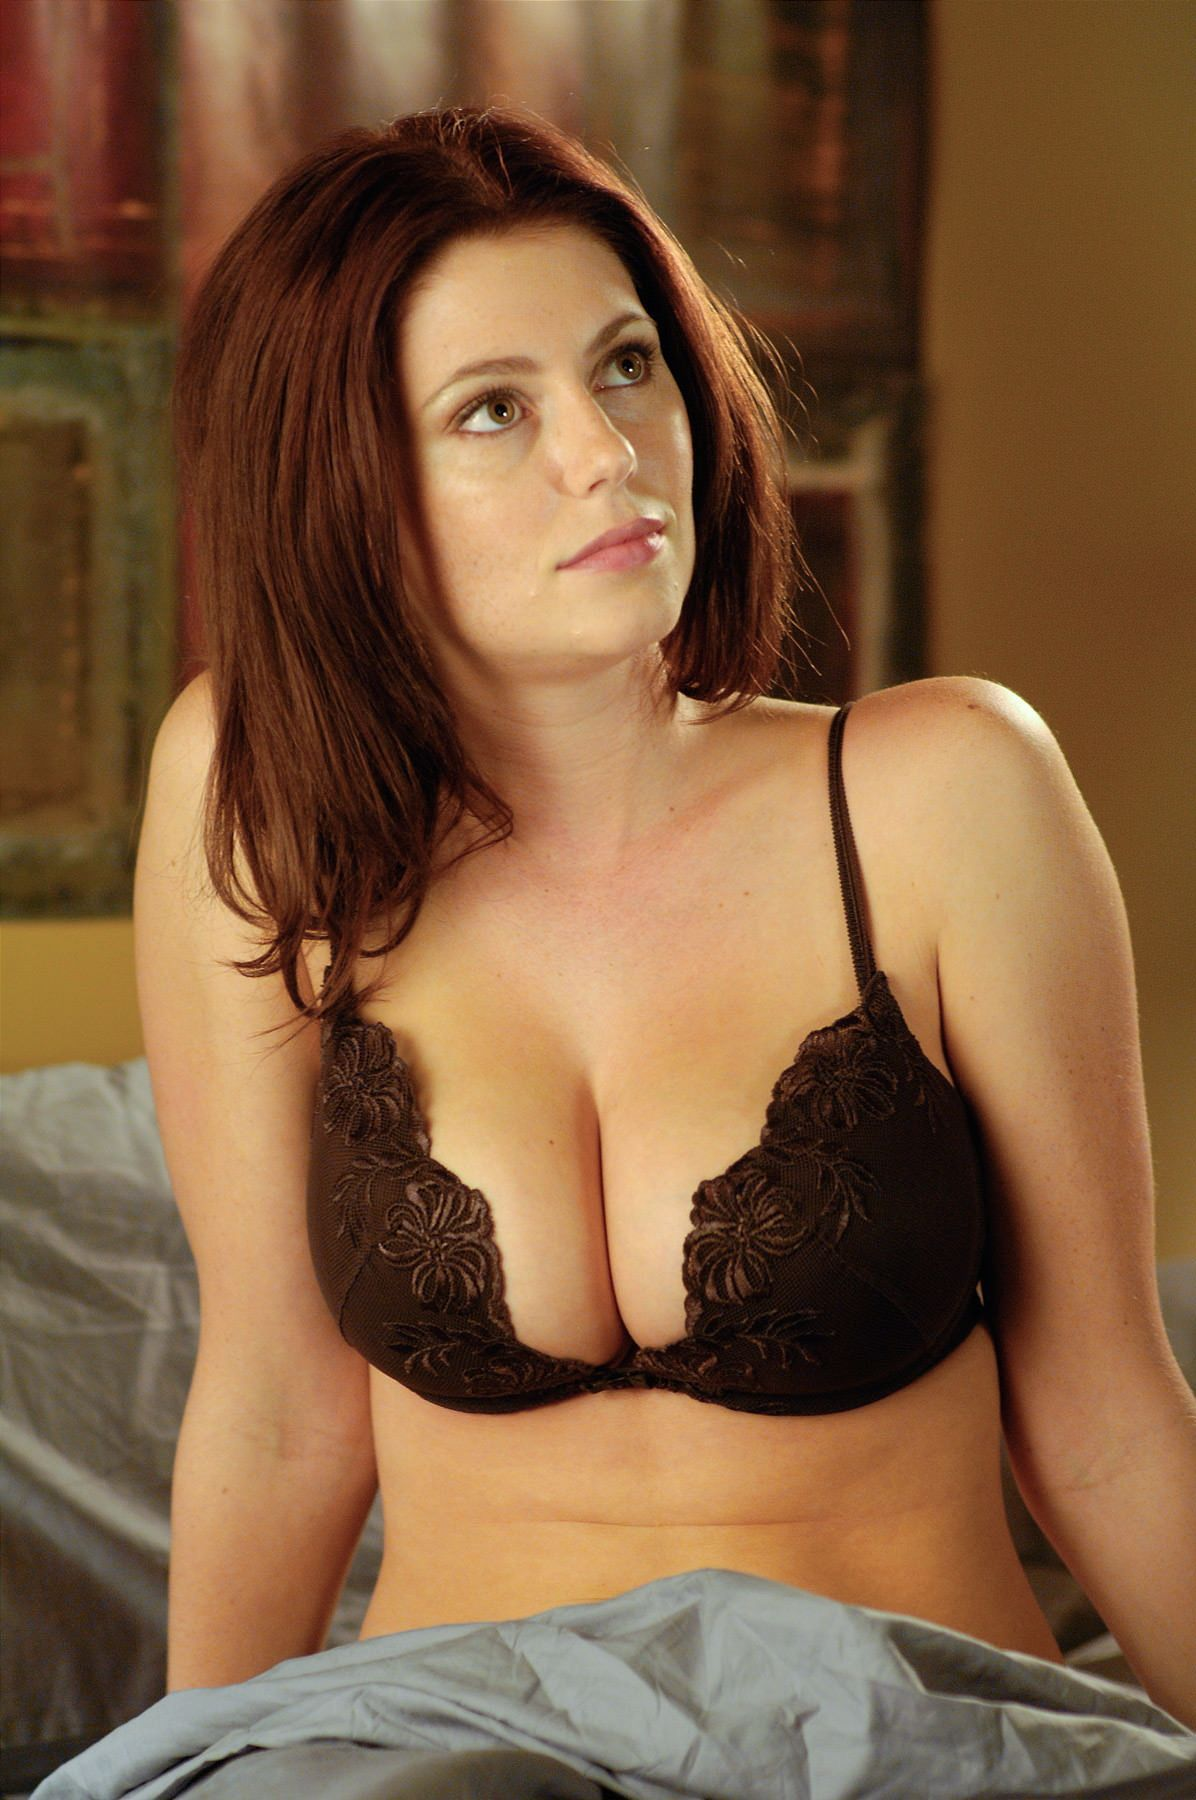 Diora Baird OnlyFans Nudity